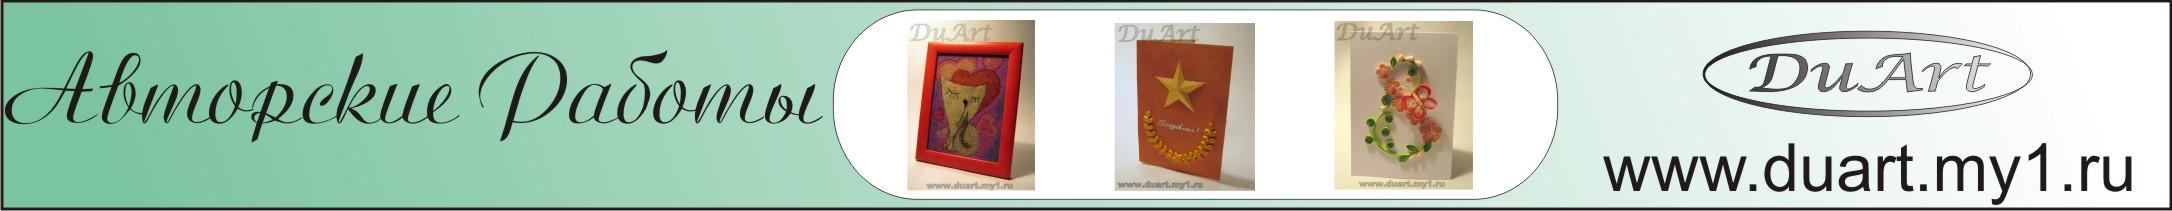 DuArt-Авторские работы, handmade